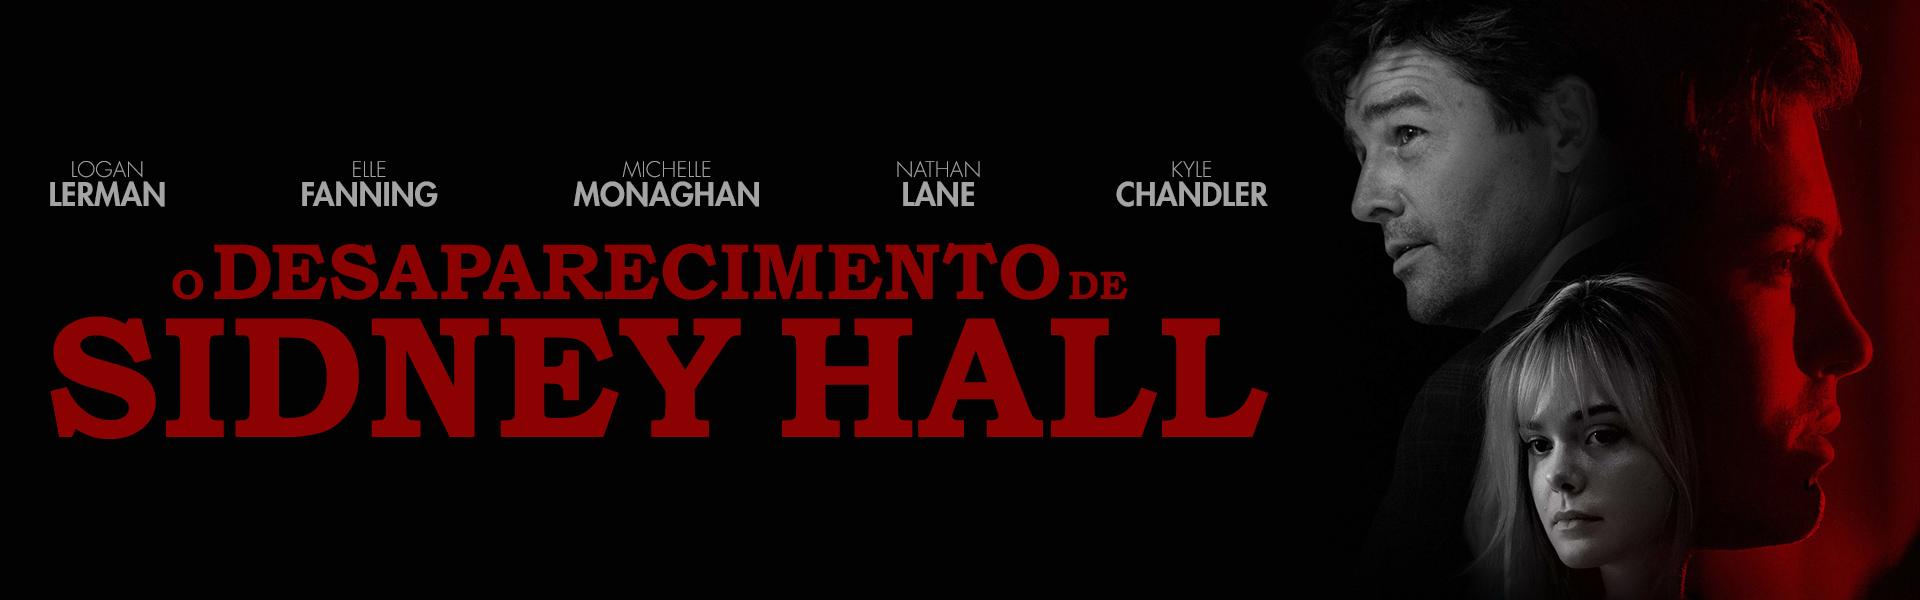 o-desaparecimento-de-sidney-hall